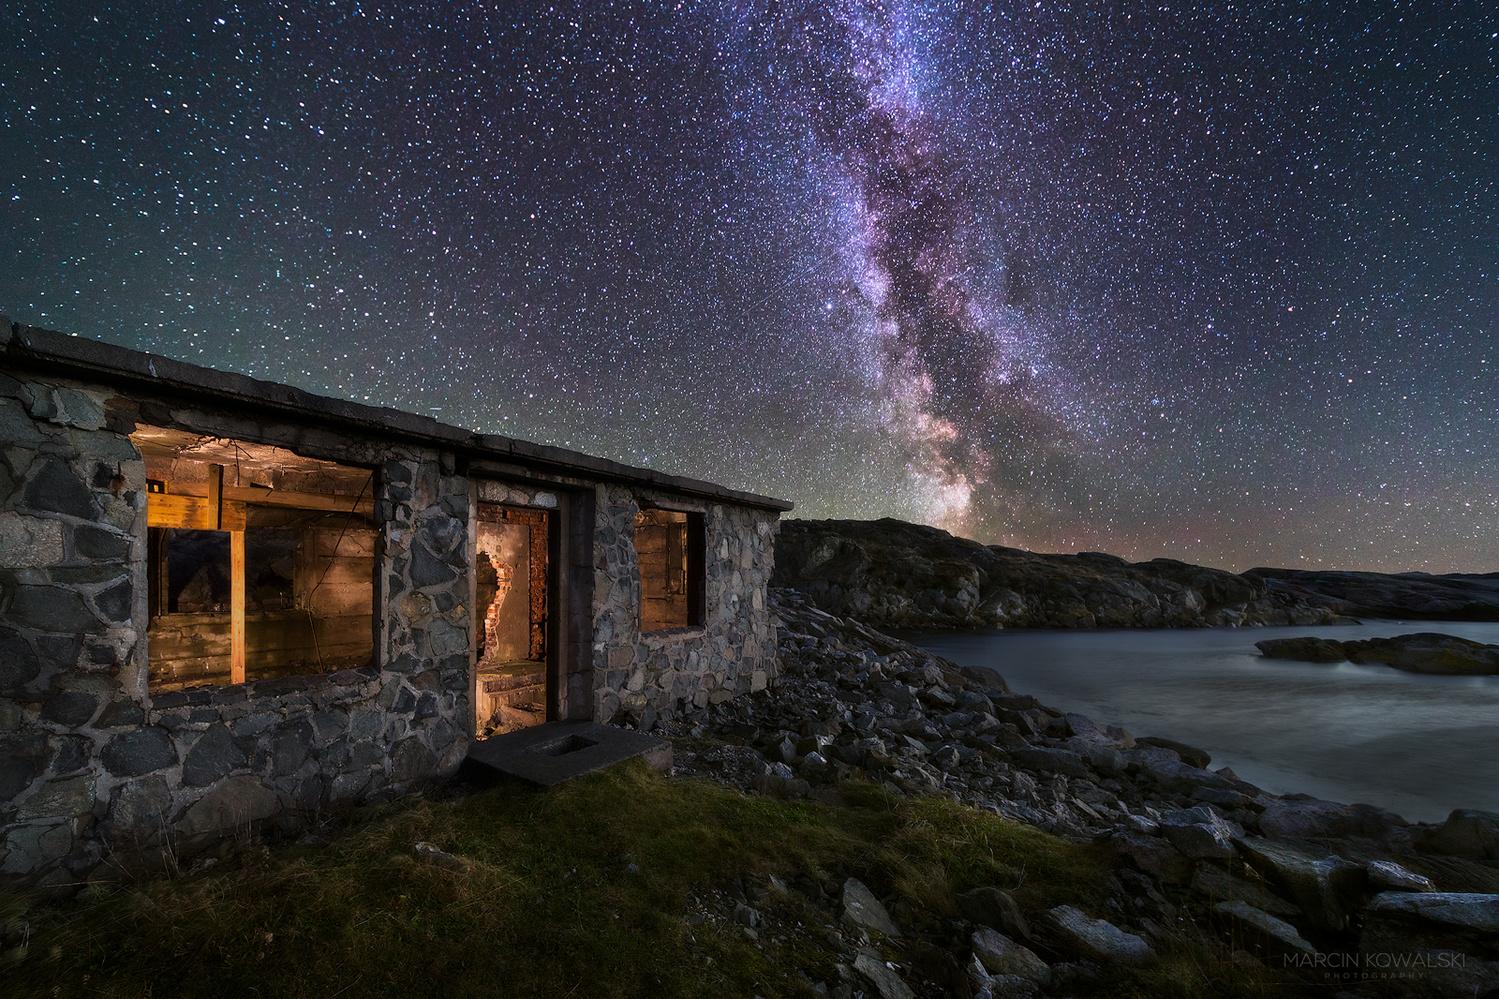 Anyone home? by Marcin Kowalski